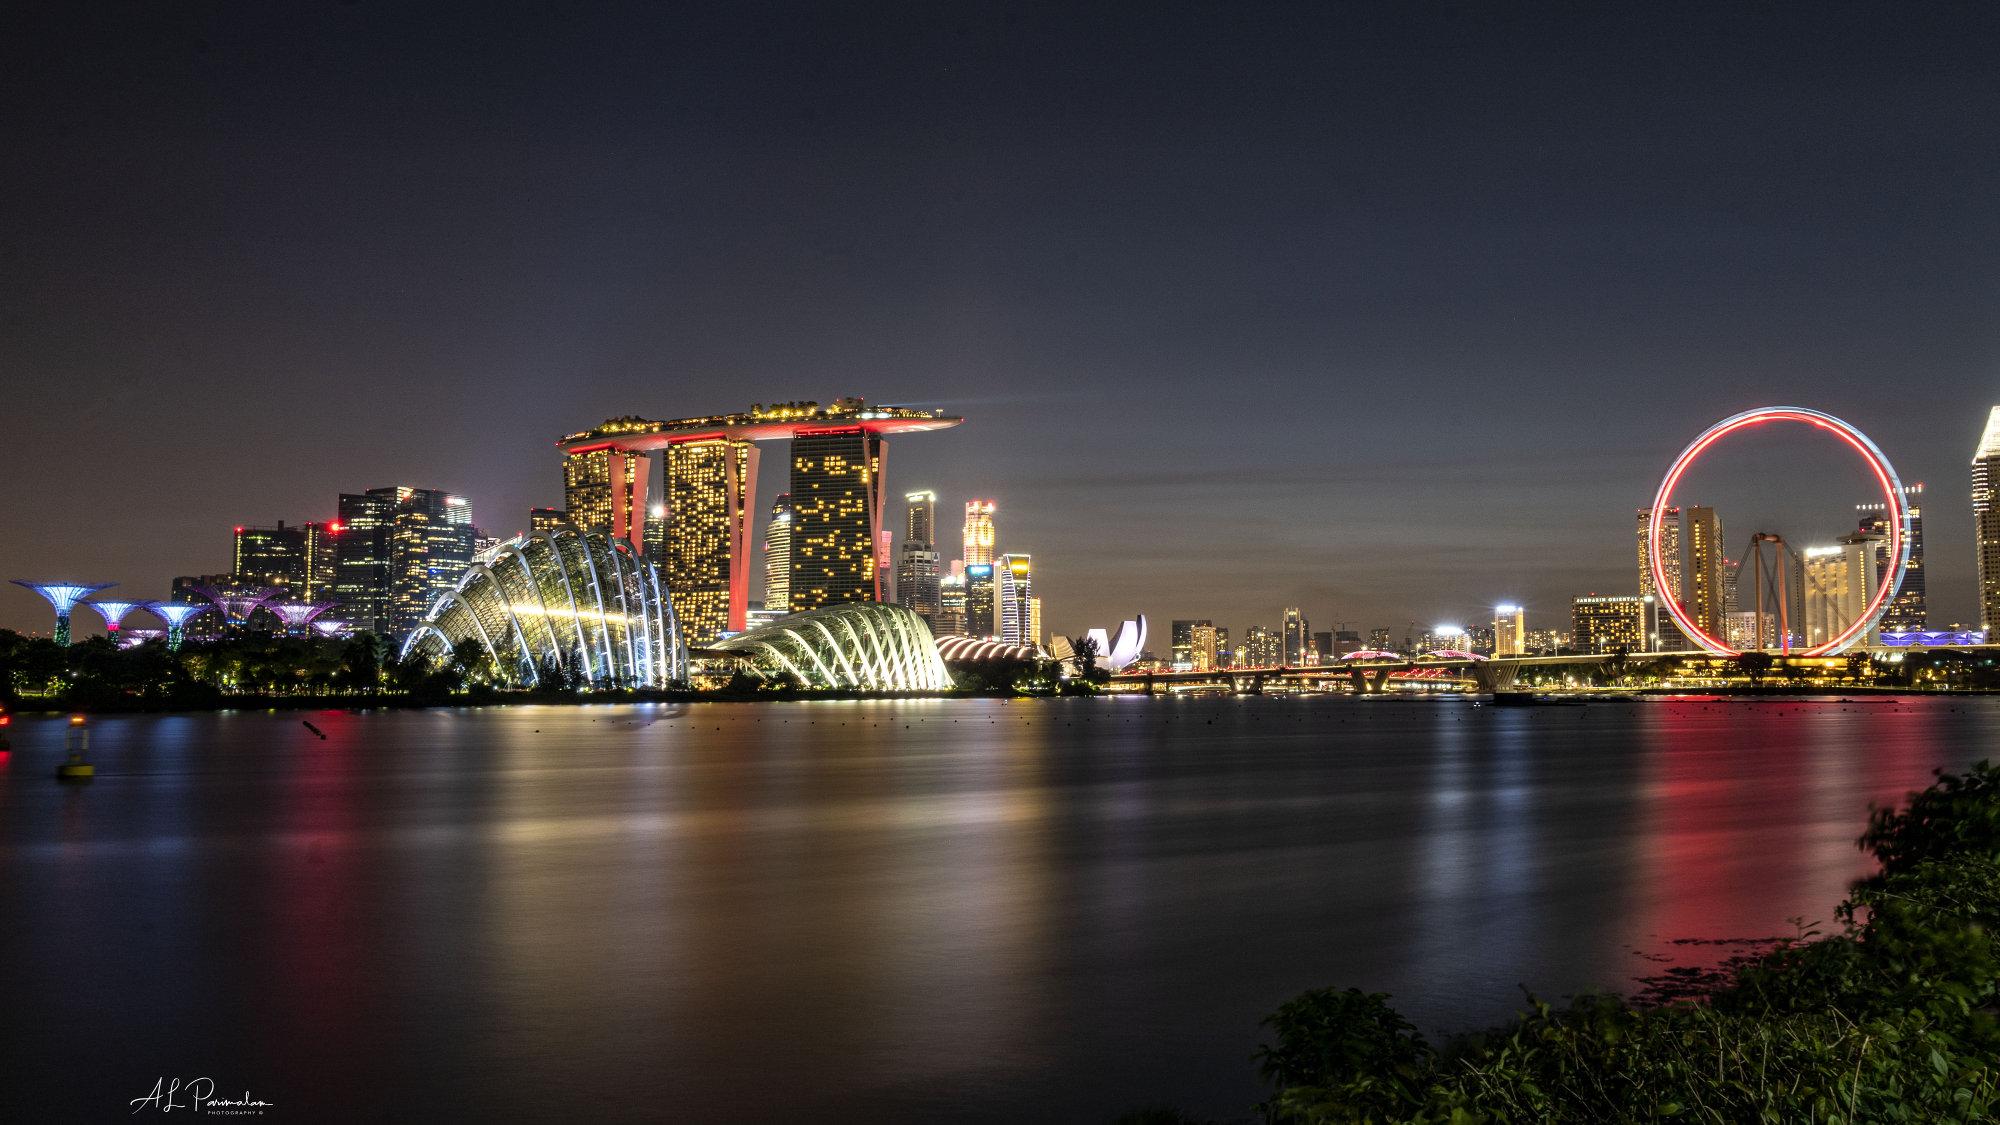 Singapore City Centre